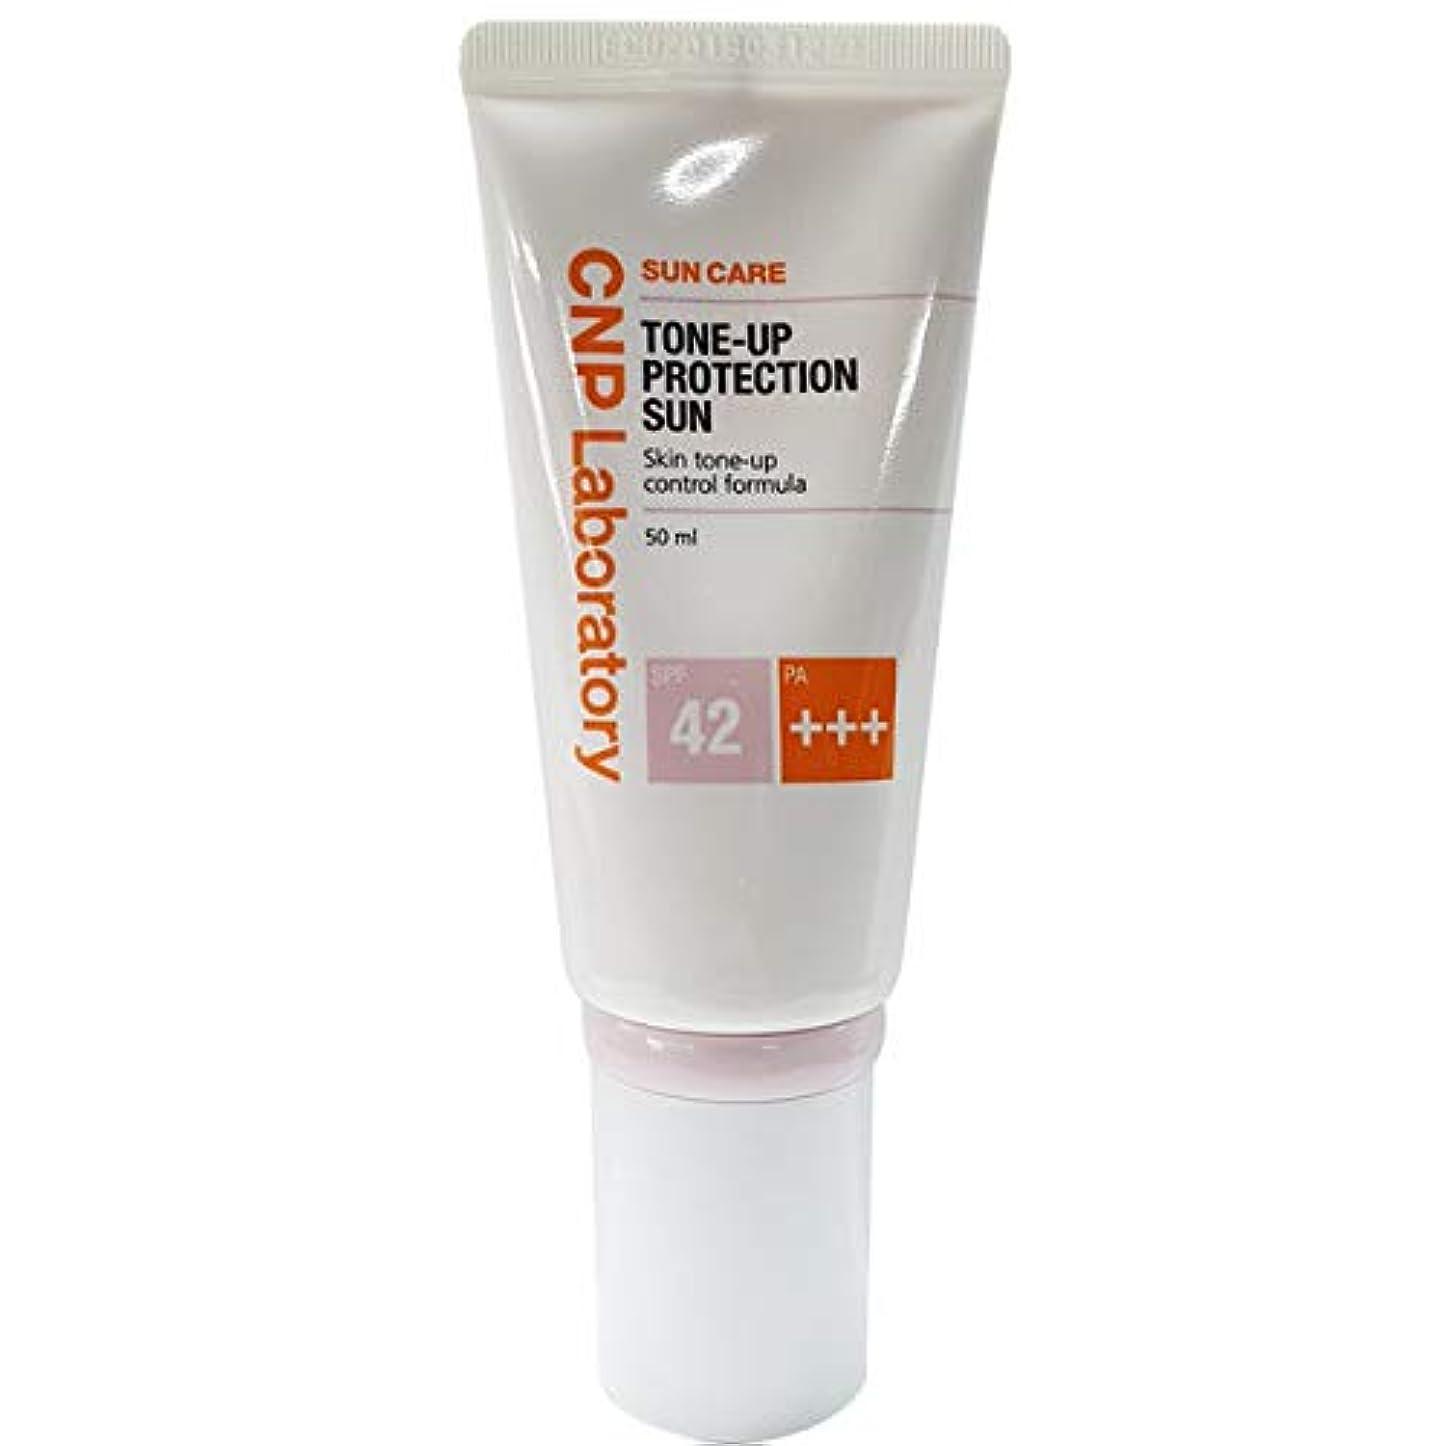 ストレンジャー逆説より多いCNP チャアンドパク トンオププロテクションサン?クリーム紫外線遮断剤 50ml (SPF42 / PA+++)、2019 NEW, CNP Tone-up Protection Sun Cream/韓国日焼け止め